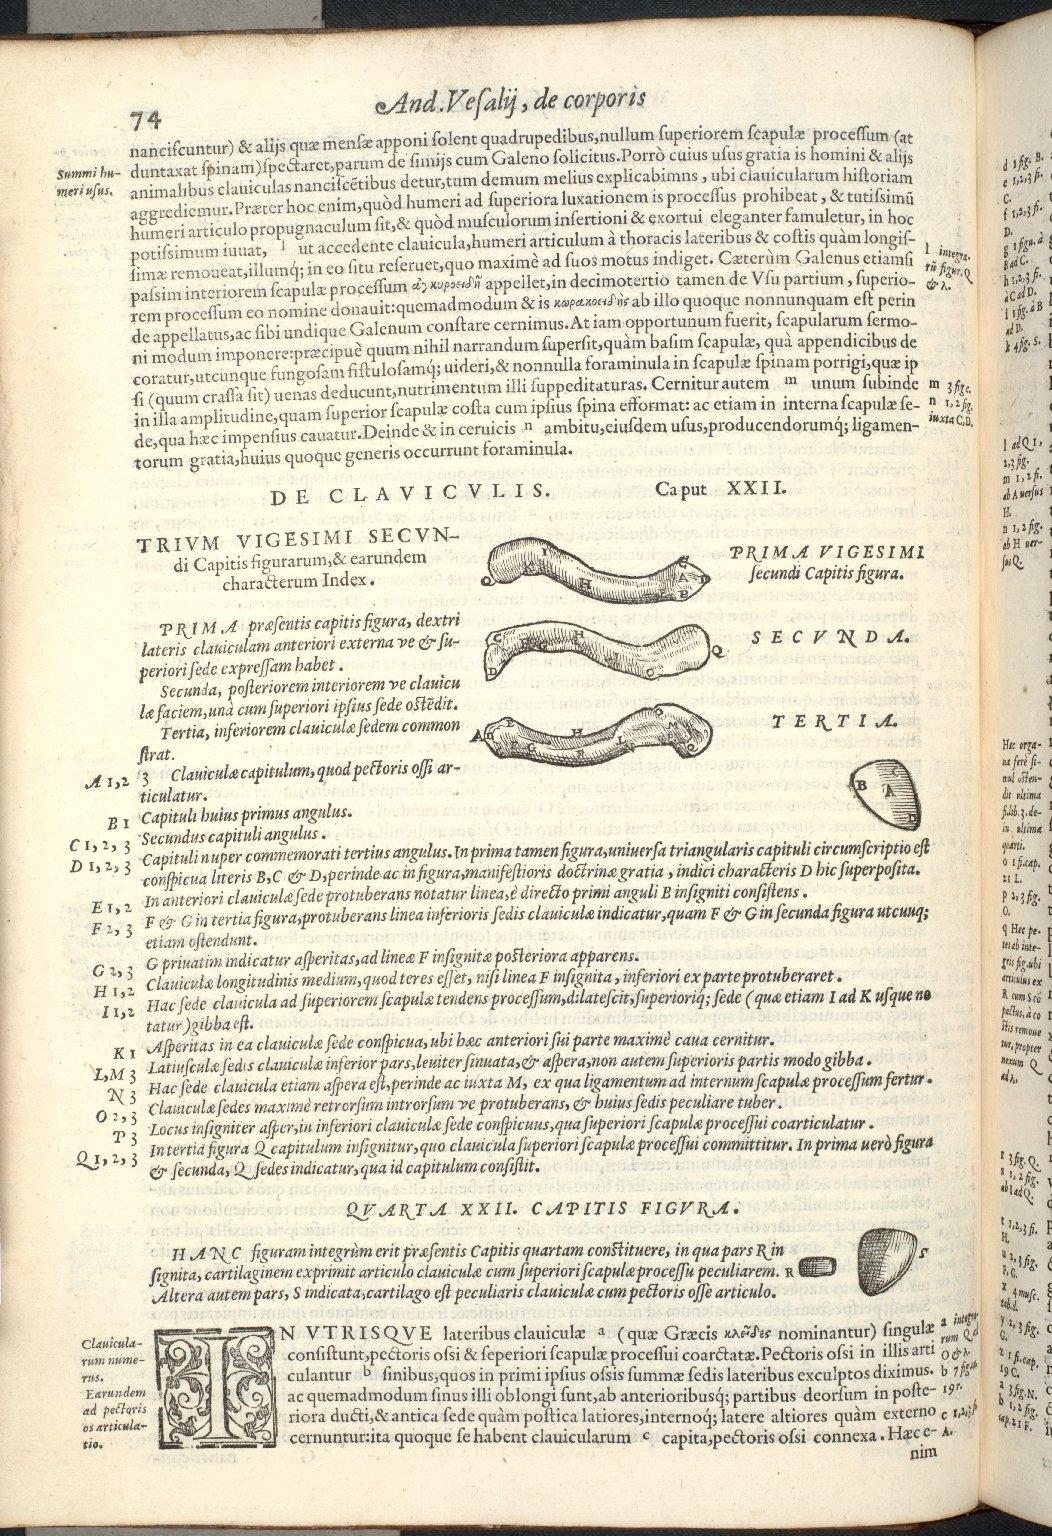 De claviculus. Caput XXII. Fig.I-IIII